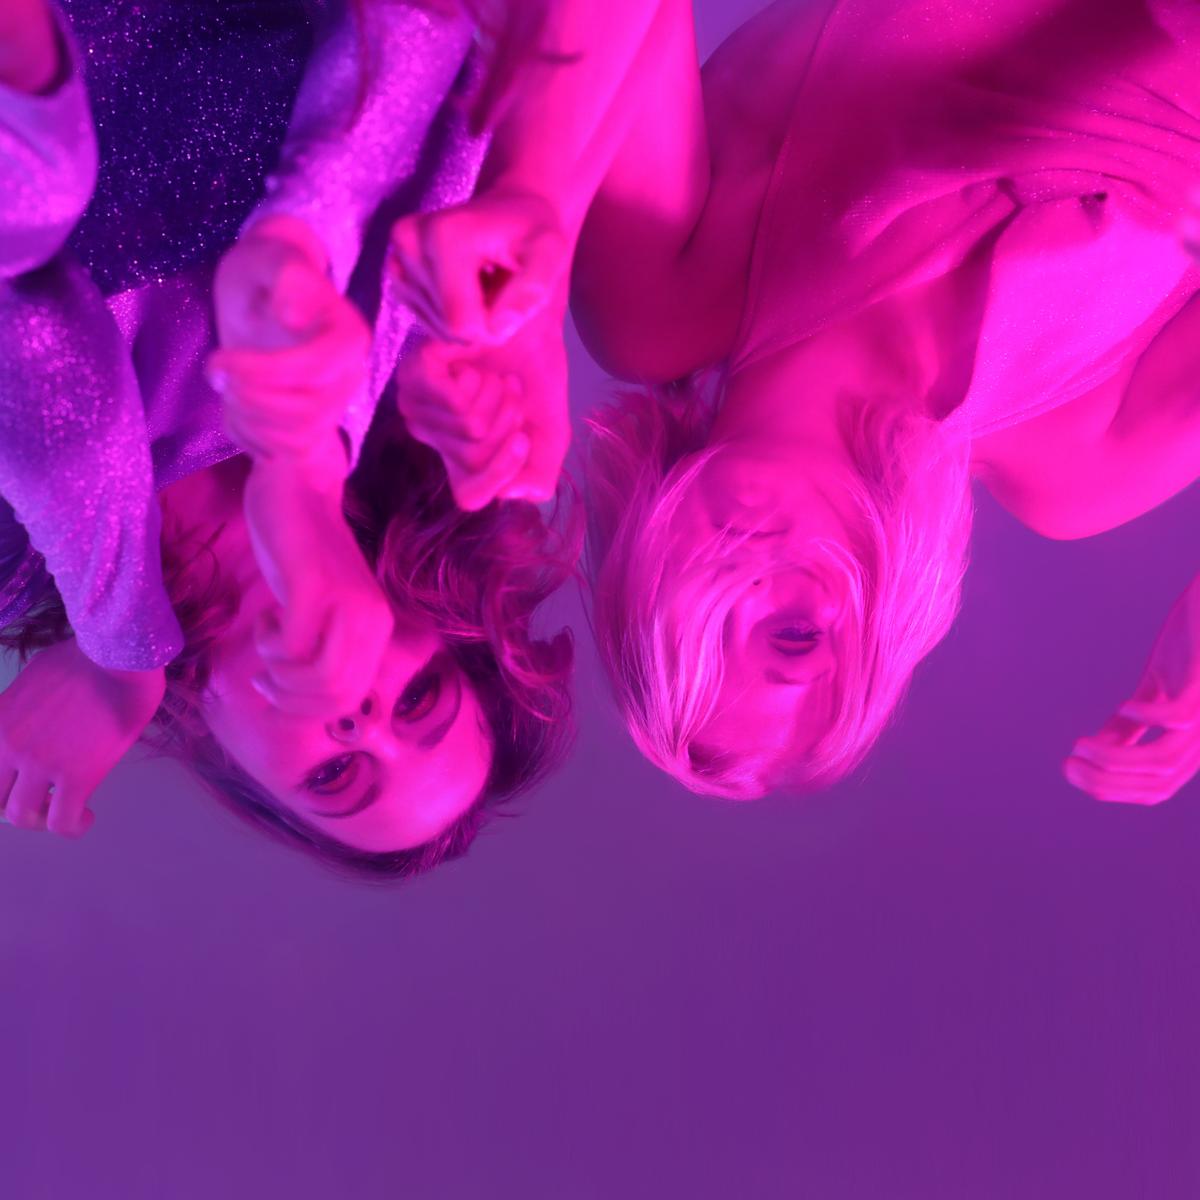 Kekkonen ja Jaakkola eivät halua pelkästään laulaa, vaan kirjoittaa laulunsa asioista, joihin he kaipaavat lisää keskustelua ja tunnistuspisteitä. Kuva: Tuva Björk ja Sally Jacobson, editointi Pilvi Kekkonen.